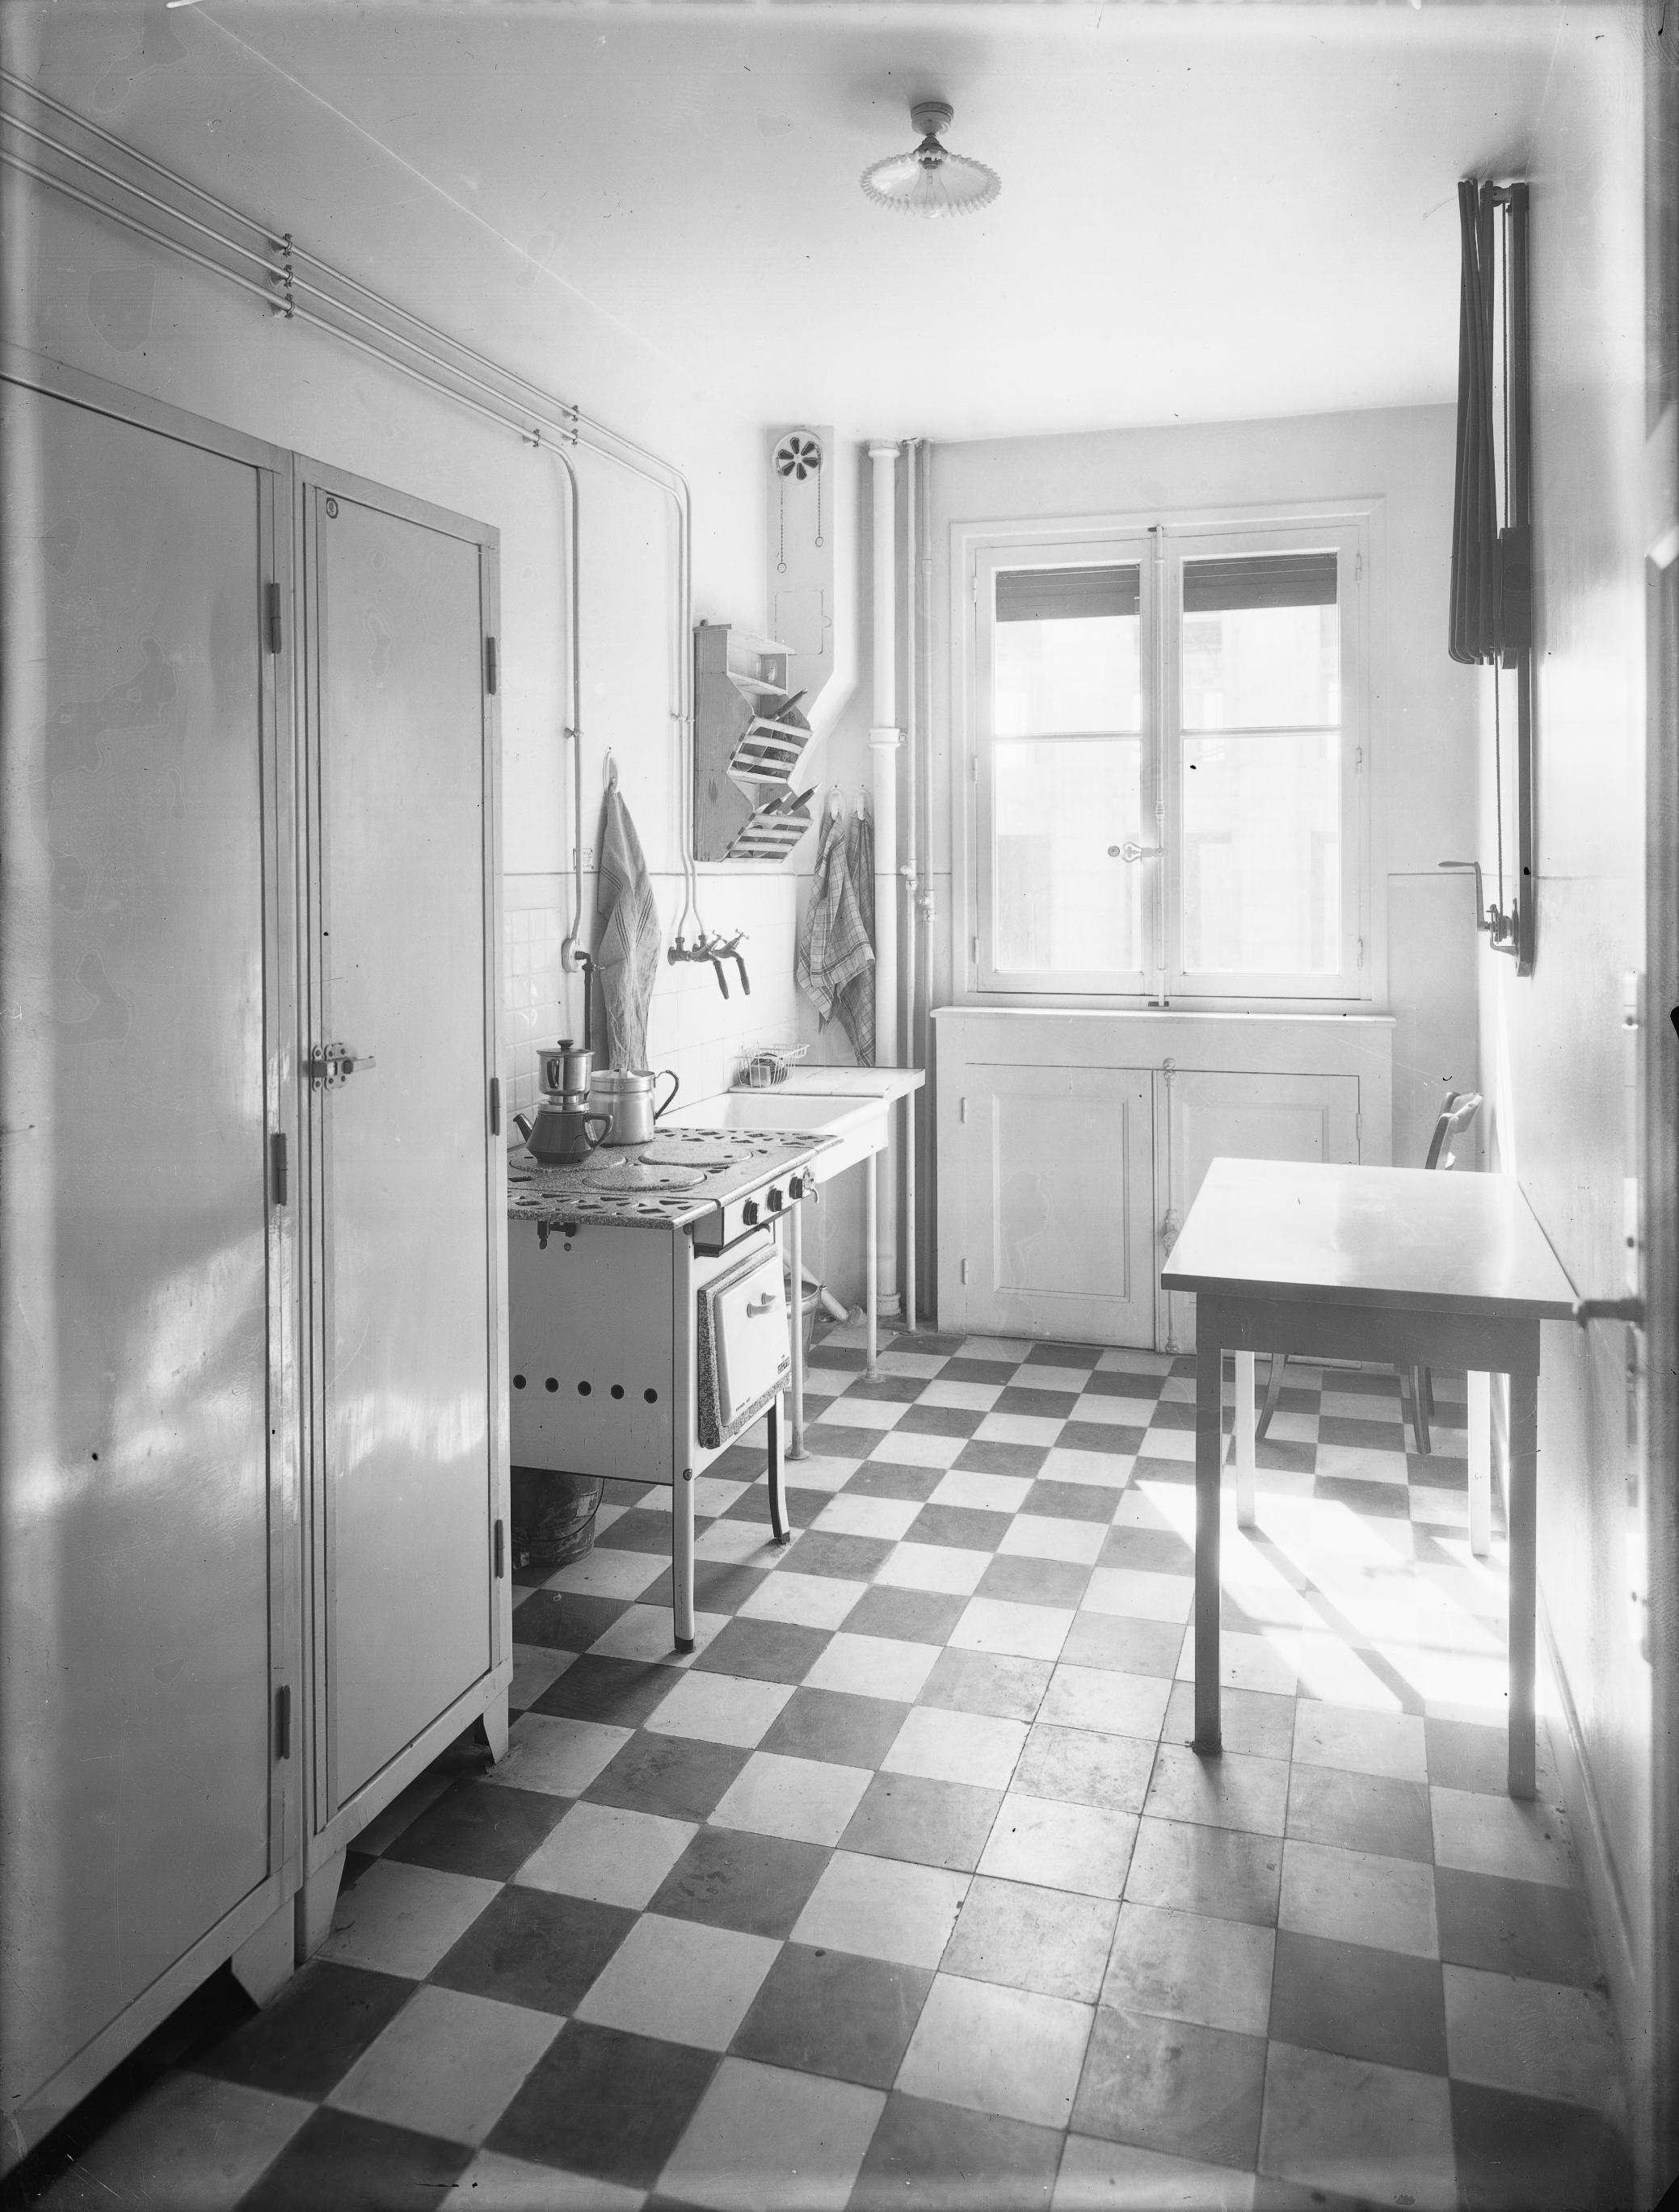 Photographes en rh ne alpes int rieur d 39 un appartement - Appartement meuble villeurbanne ...